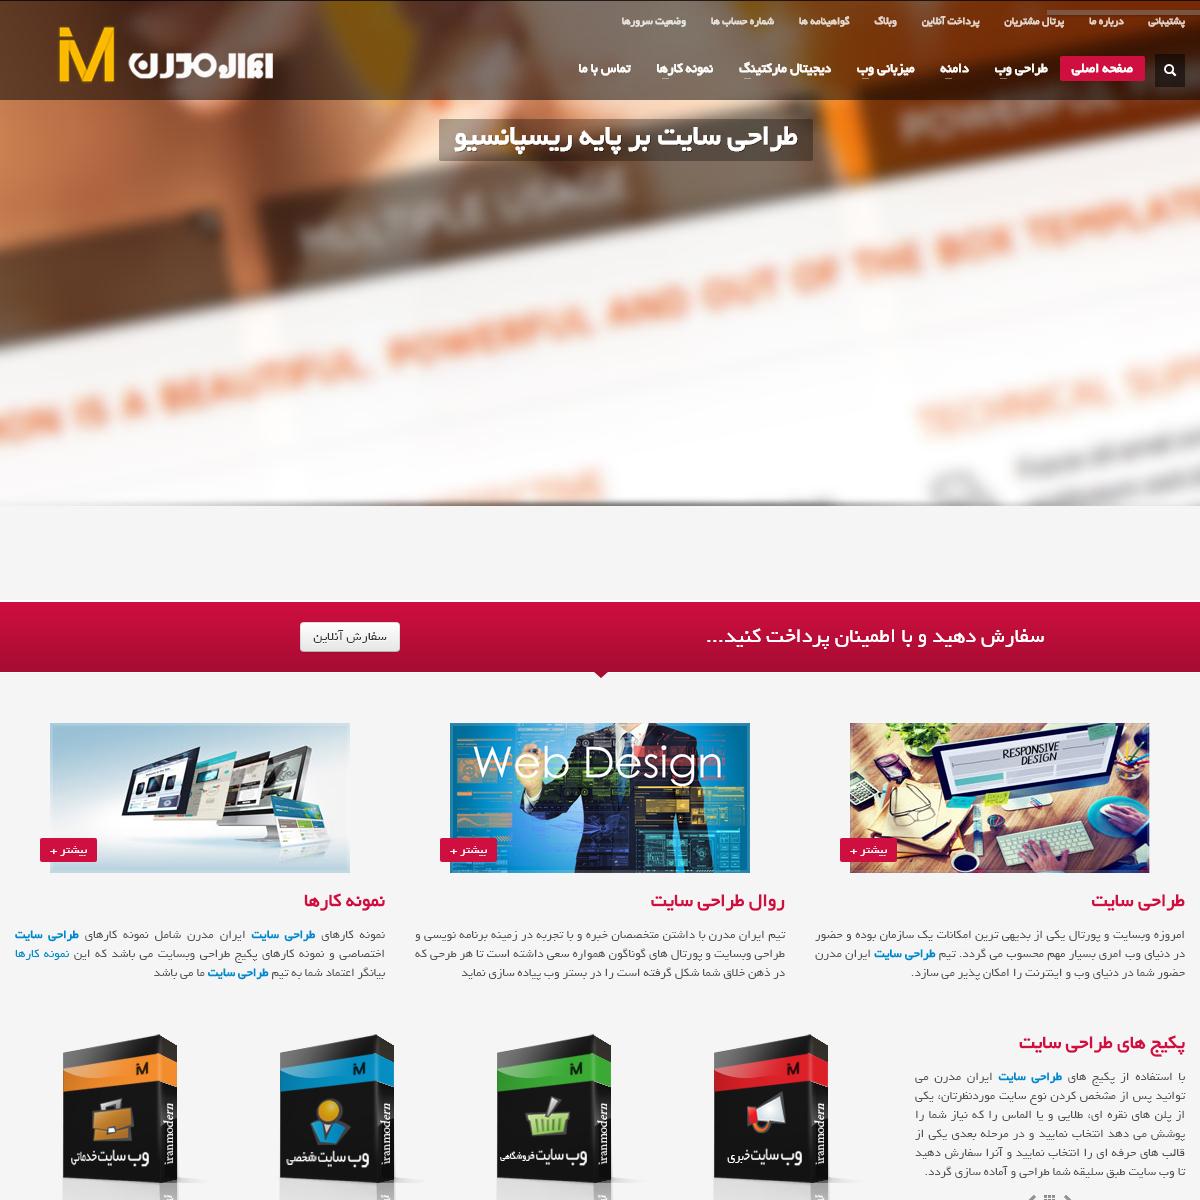 ایران مدرن - طراحی سایت - میزبانی وب - دیجیتال مارکتینگ